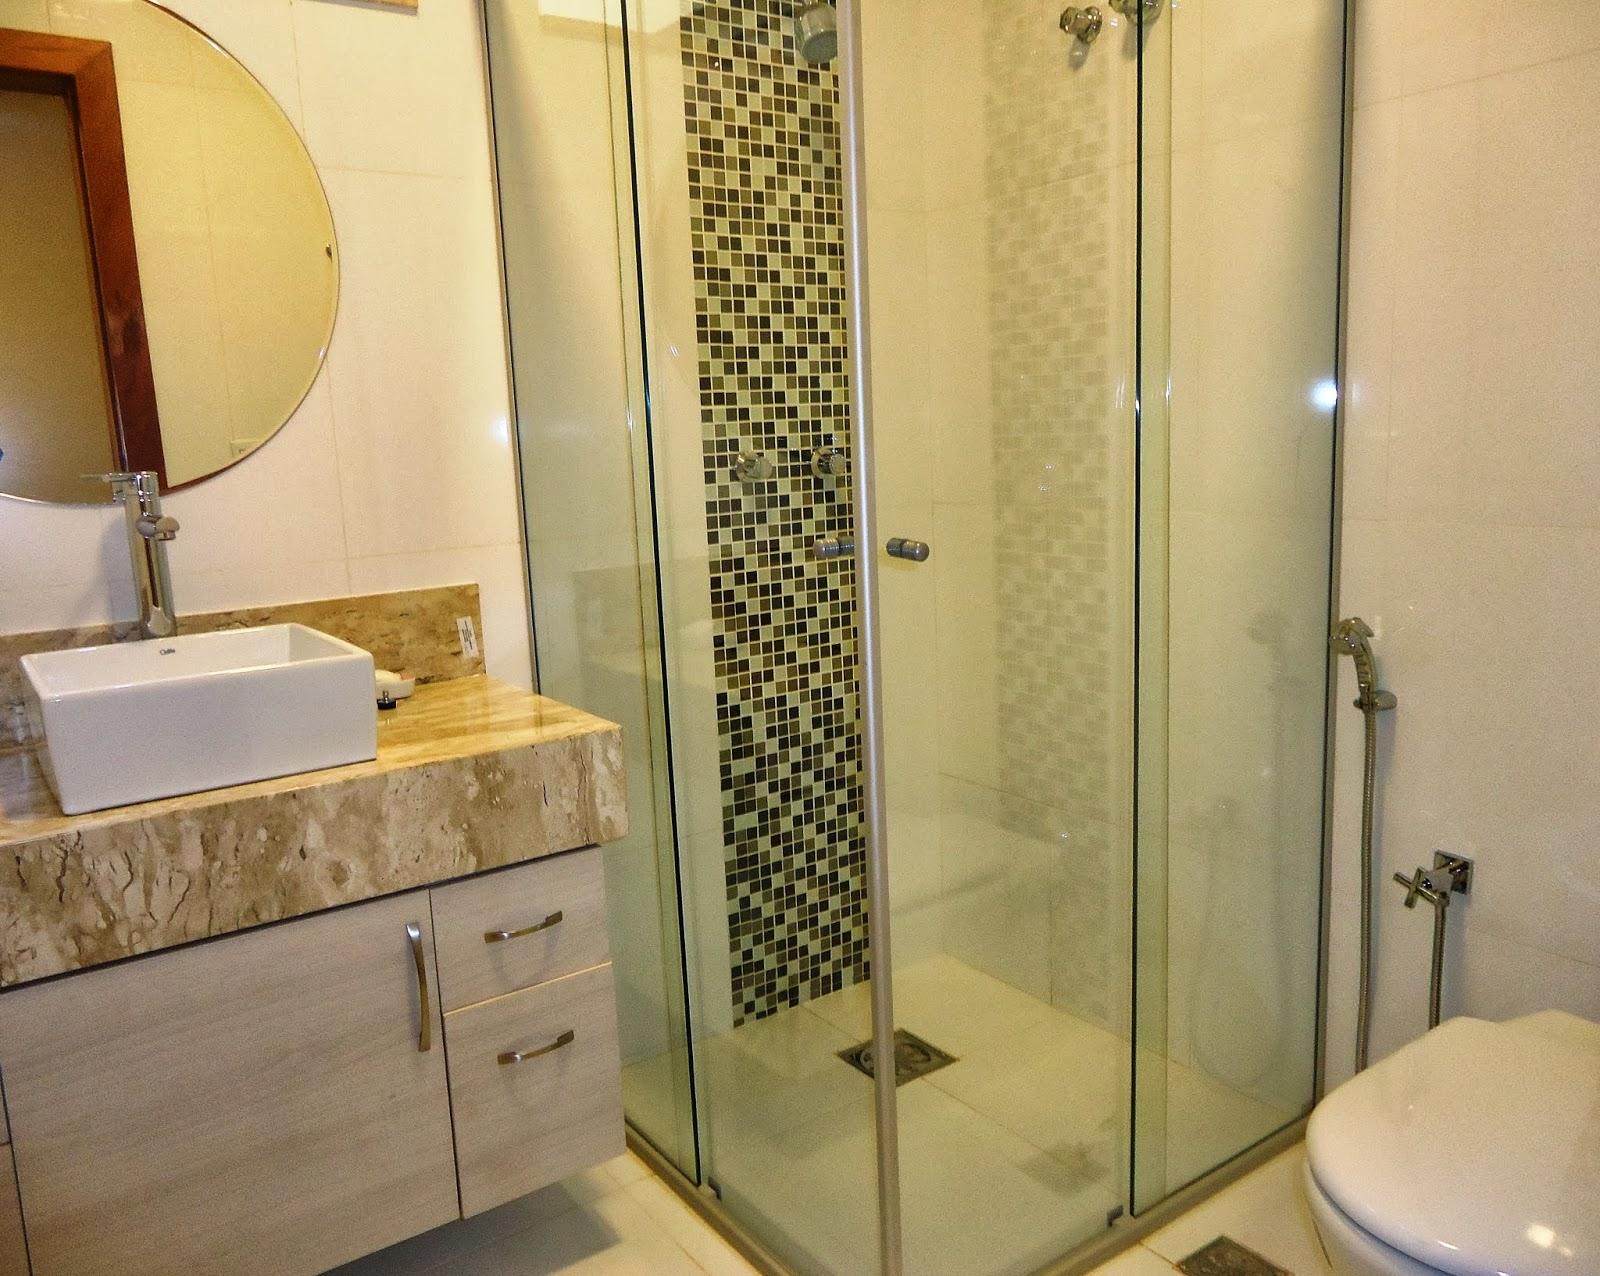 detalhes dos revestimentos em pastilha banheiro suíte 2 detalhes dos #AA7D21 1600x1276 Banheiro Com Detalhes Em Amarelo